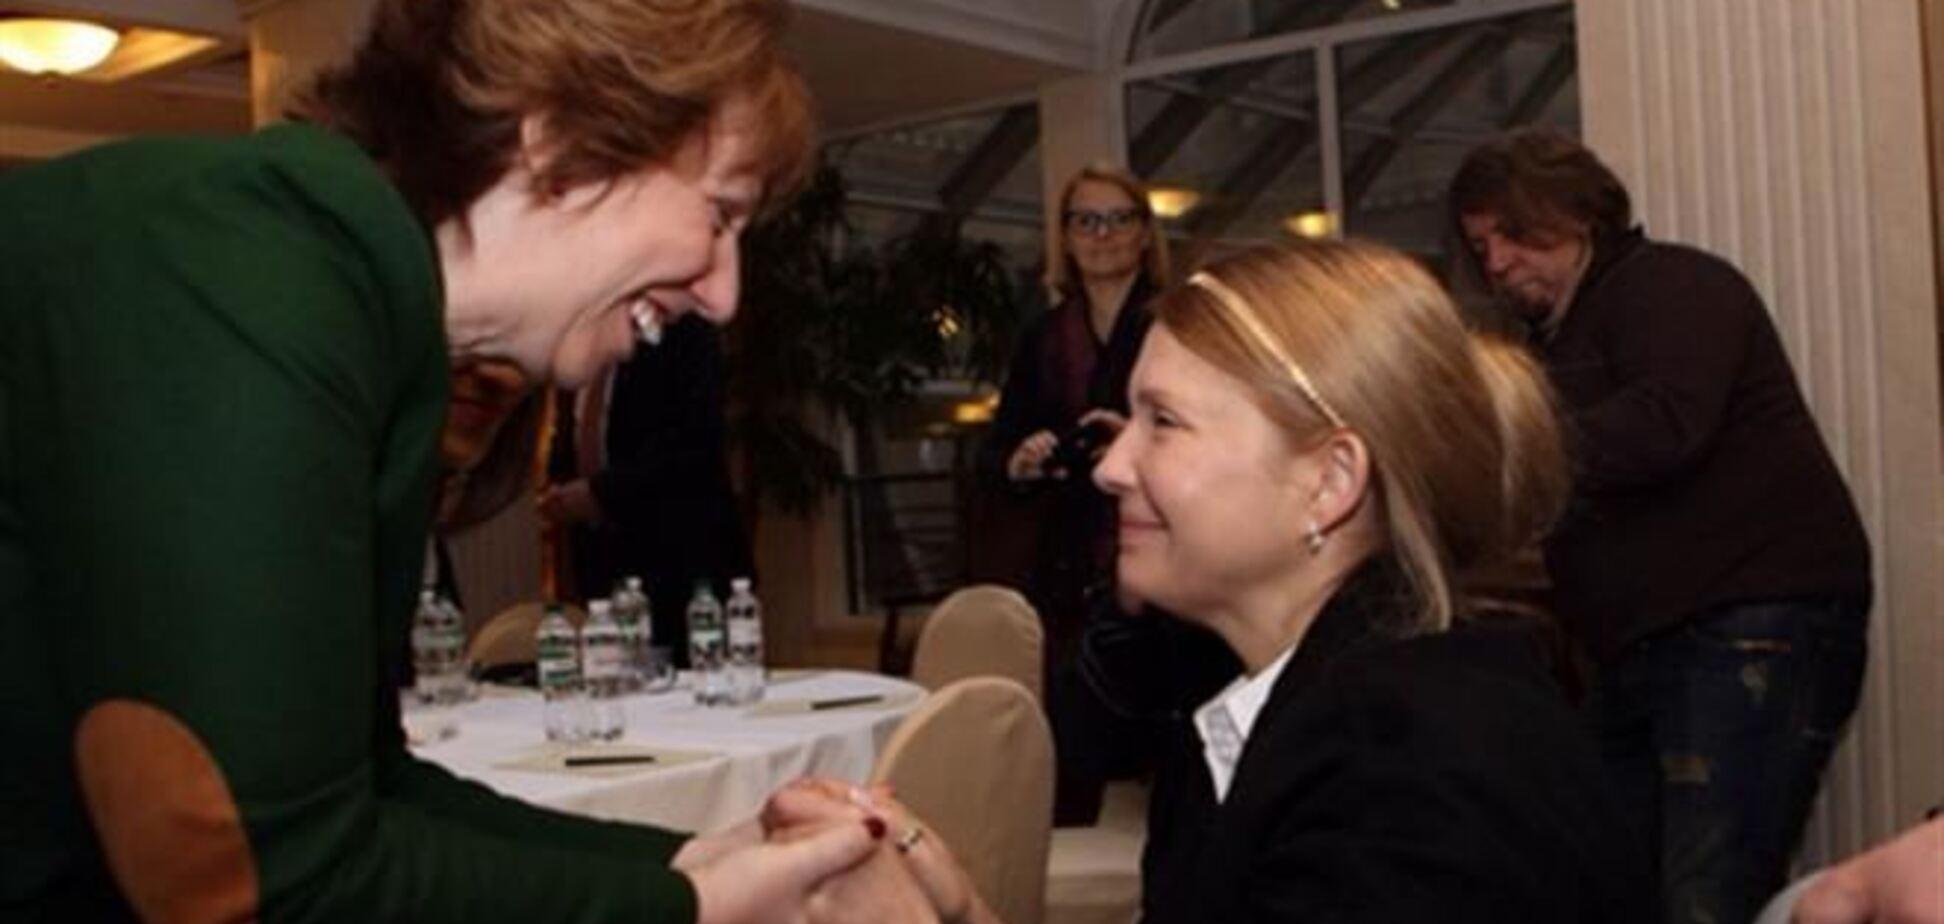 Ештон і Тимошенко будуть прискорювати євроінтеграцію України